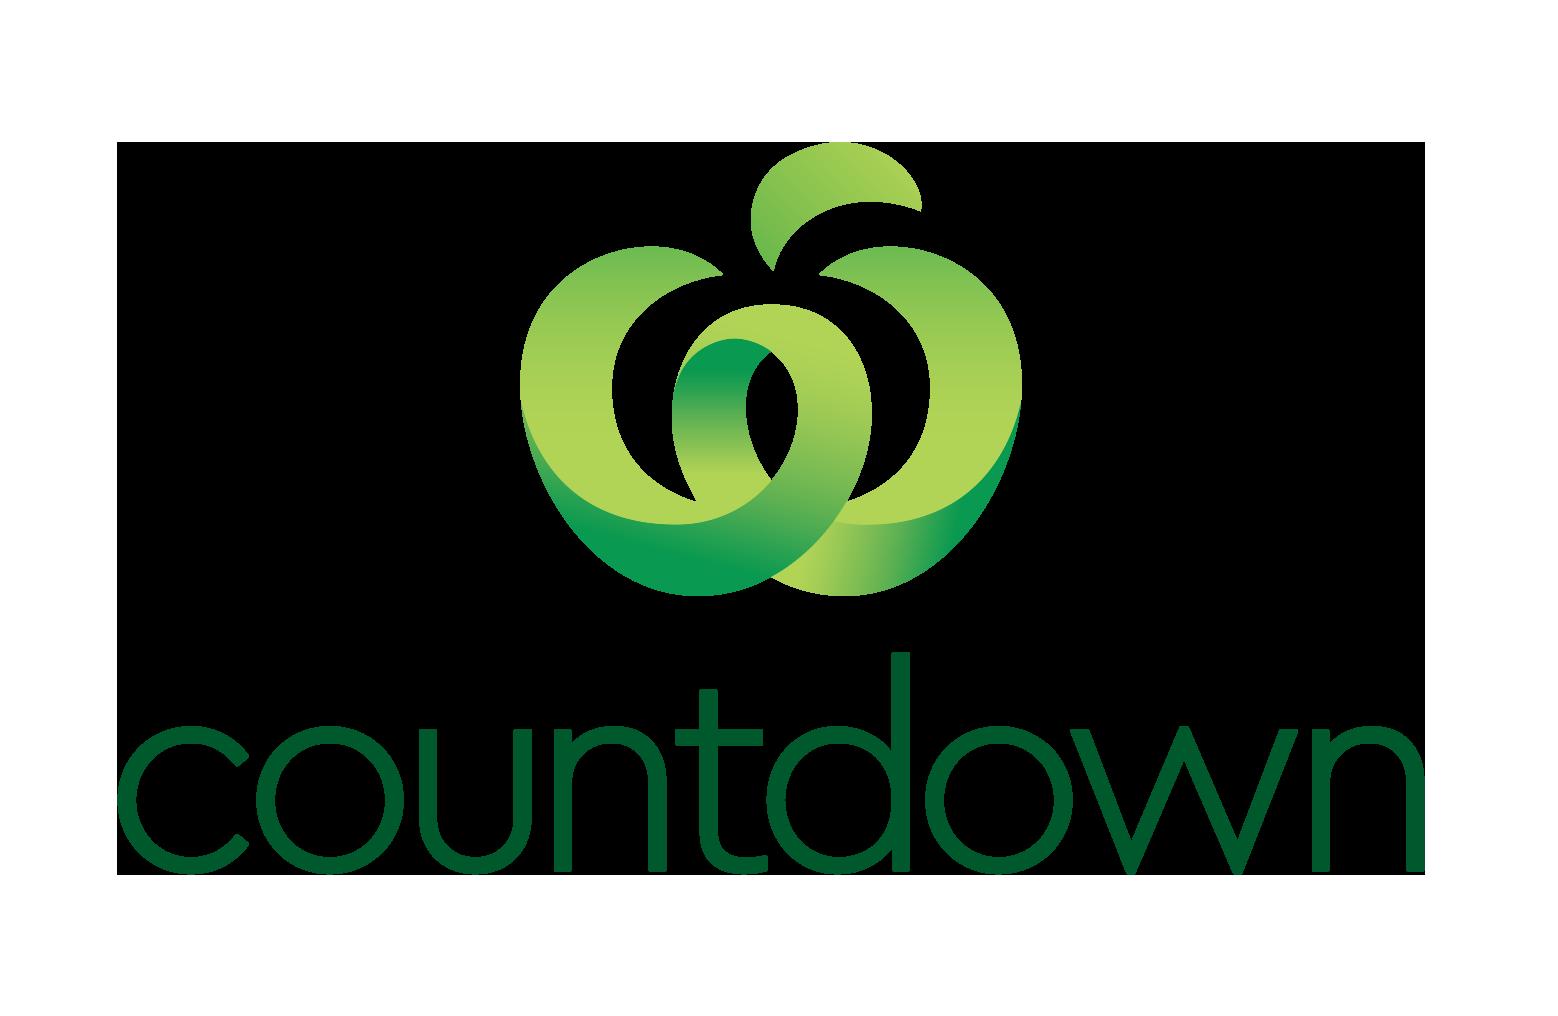 Countdown_2018_Pos_V_RGB.png